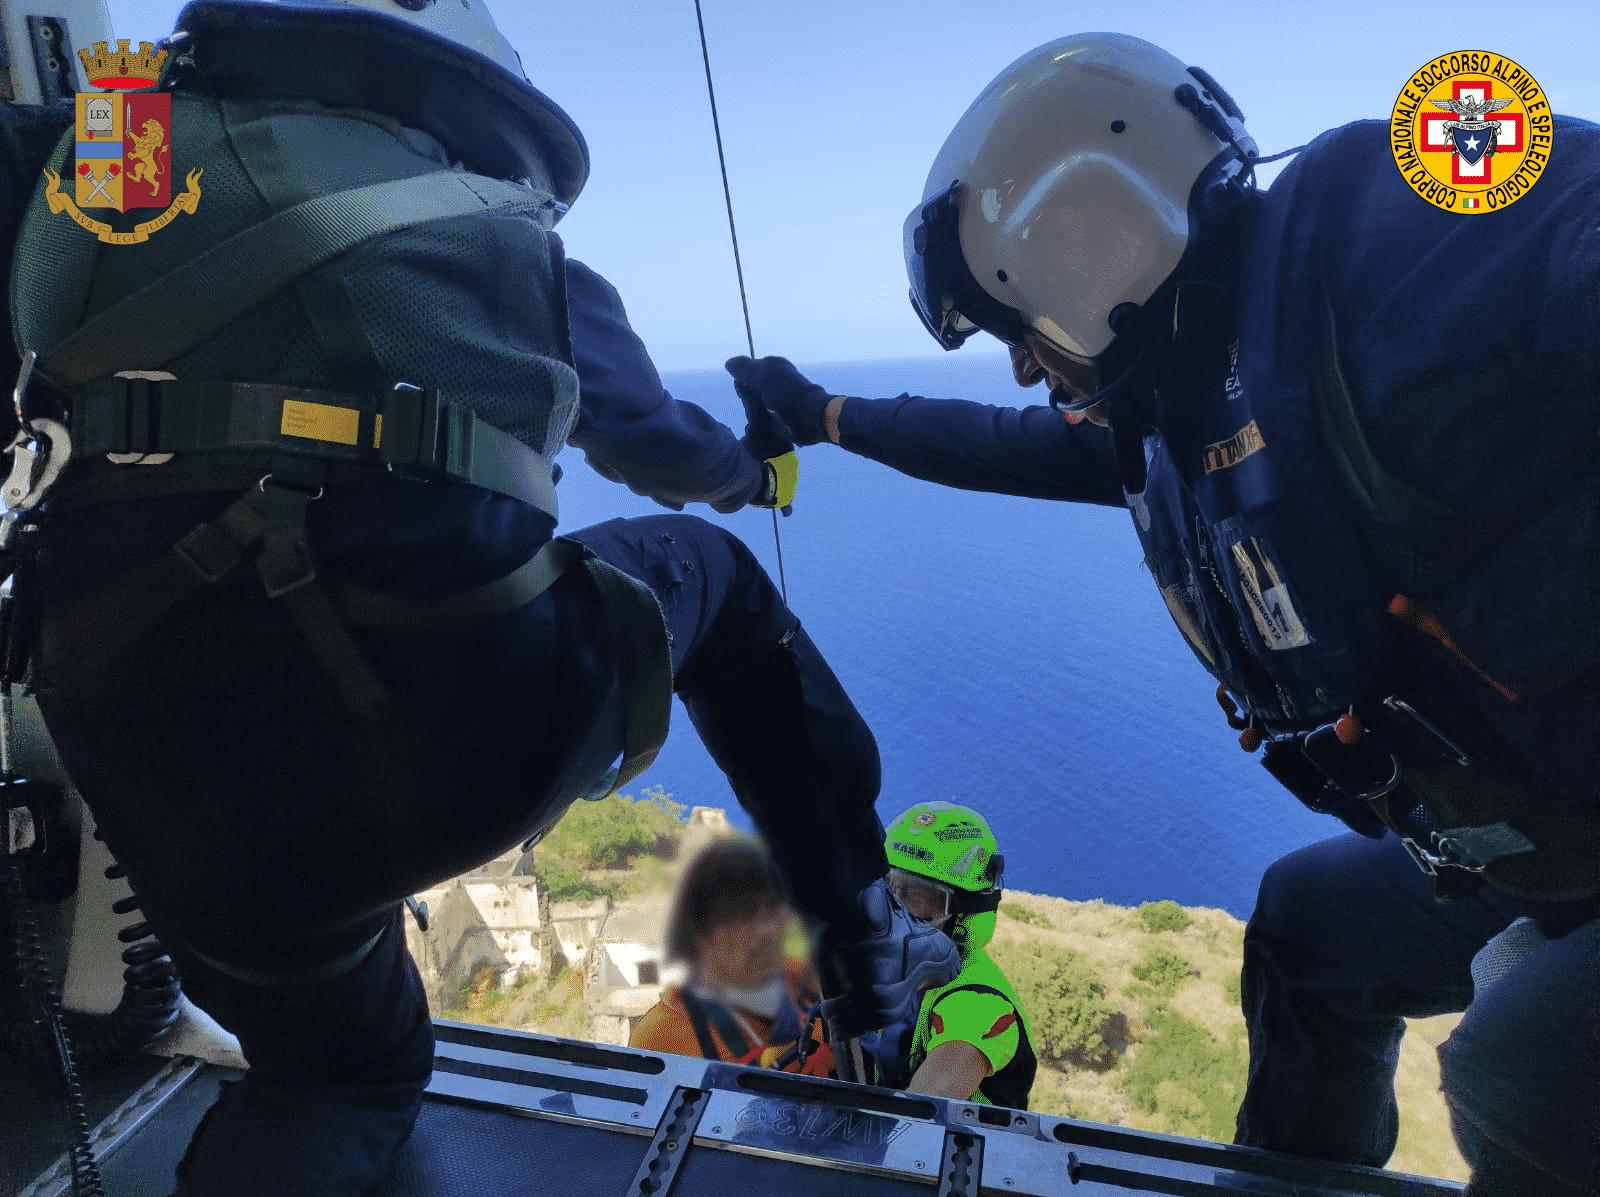 Turista ferito al braccio sull'isola di Filicudi, serve soccorso immediato: trasportato al Papardo